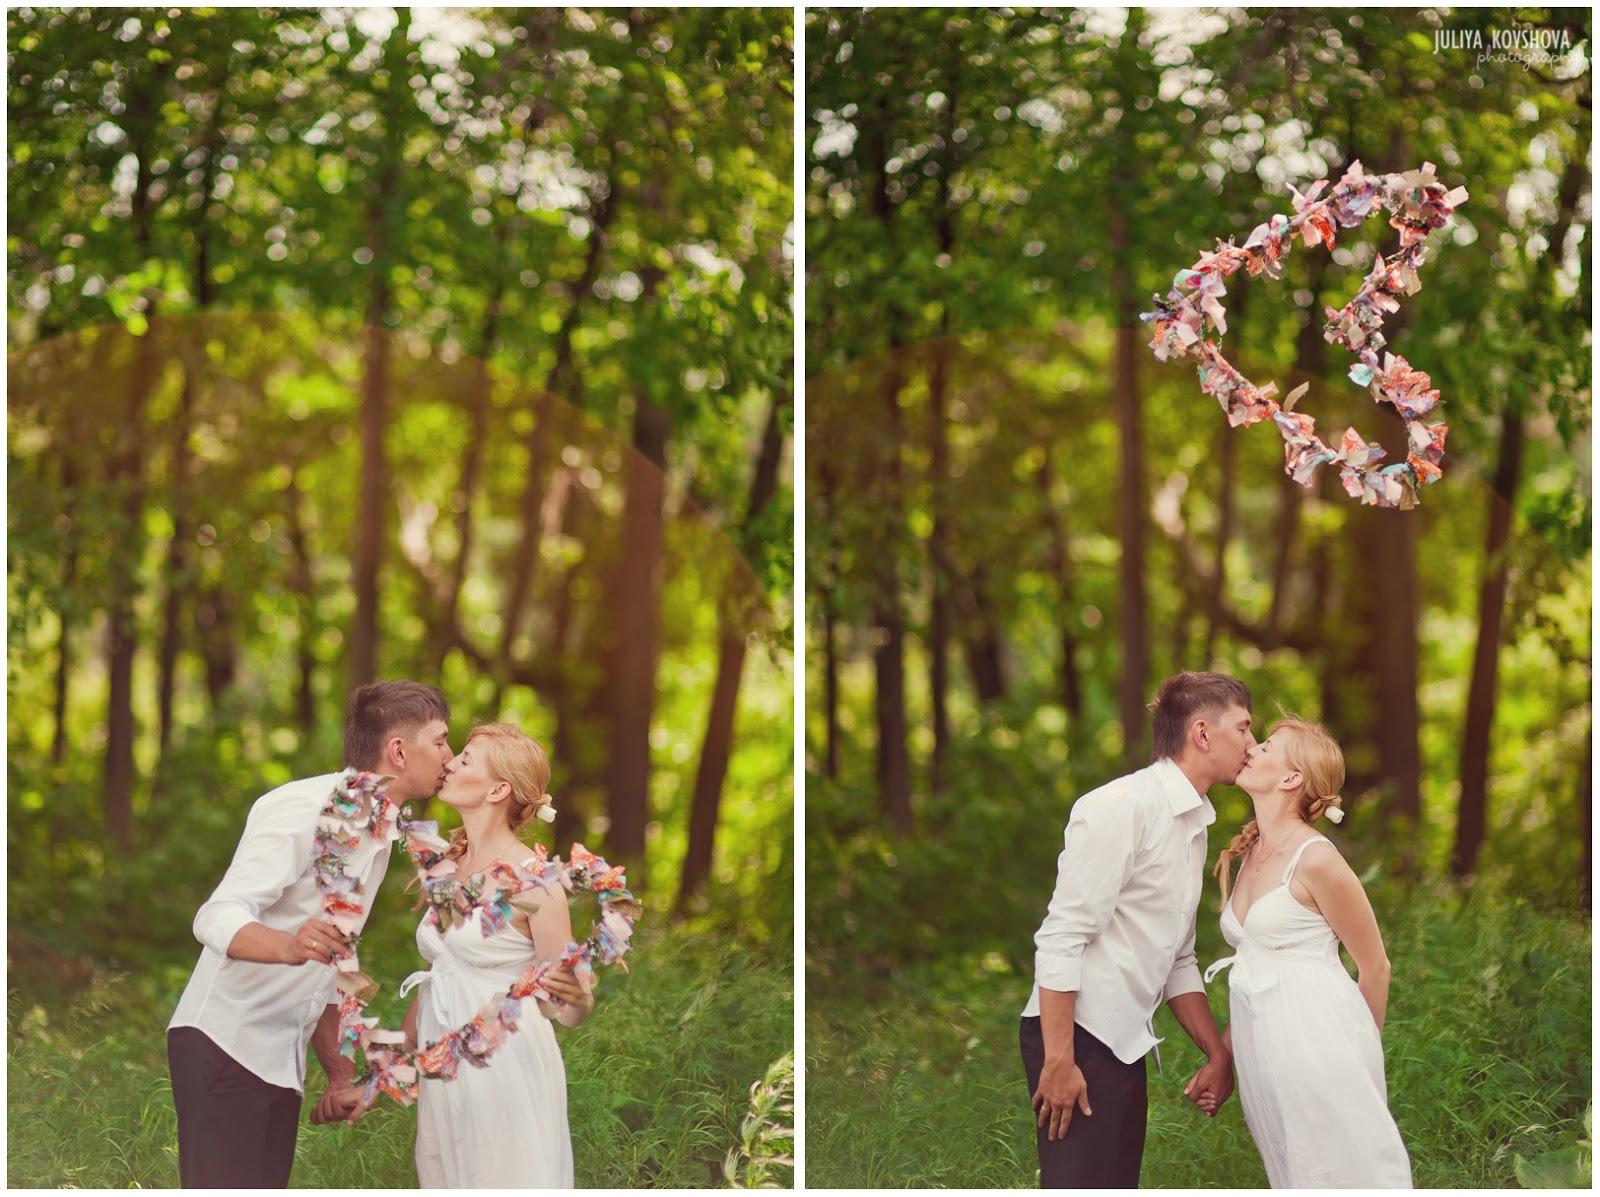 Ситцевая свадьба идеи фото